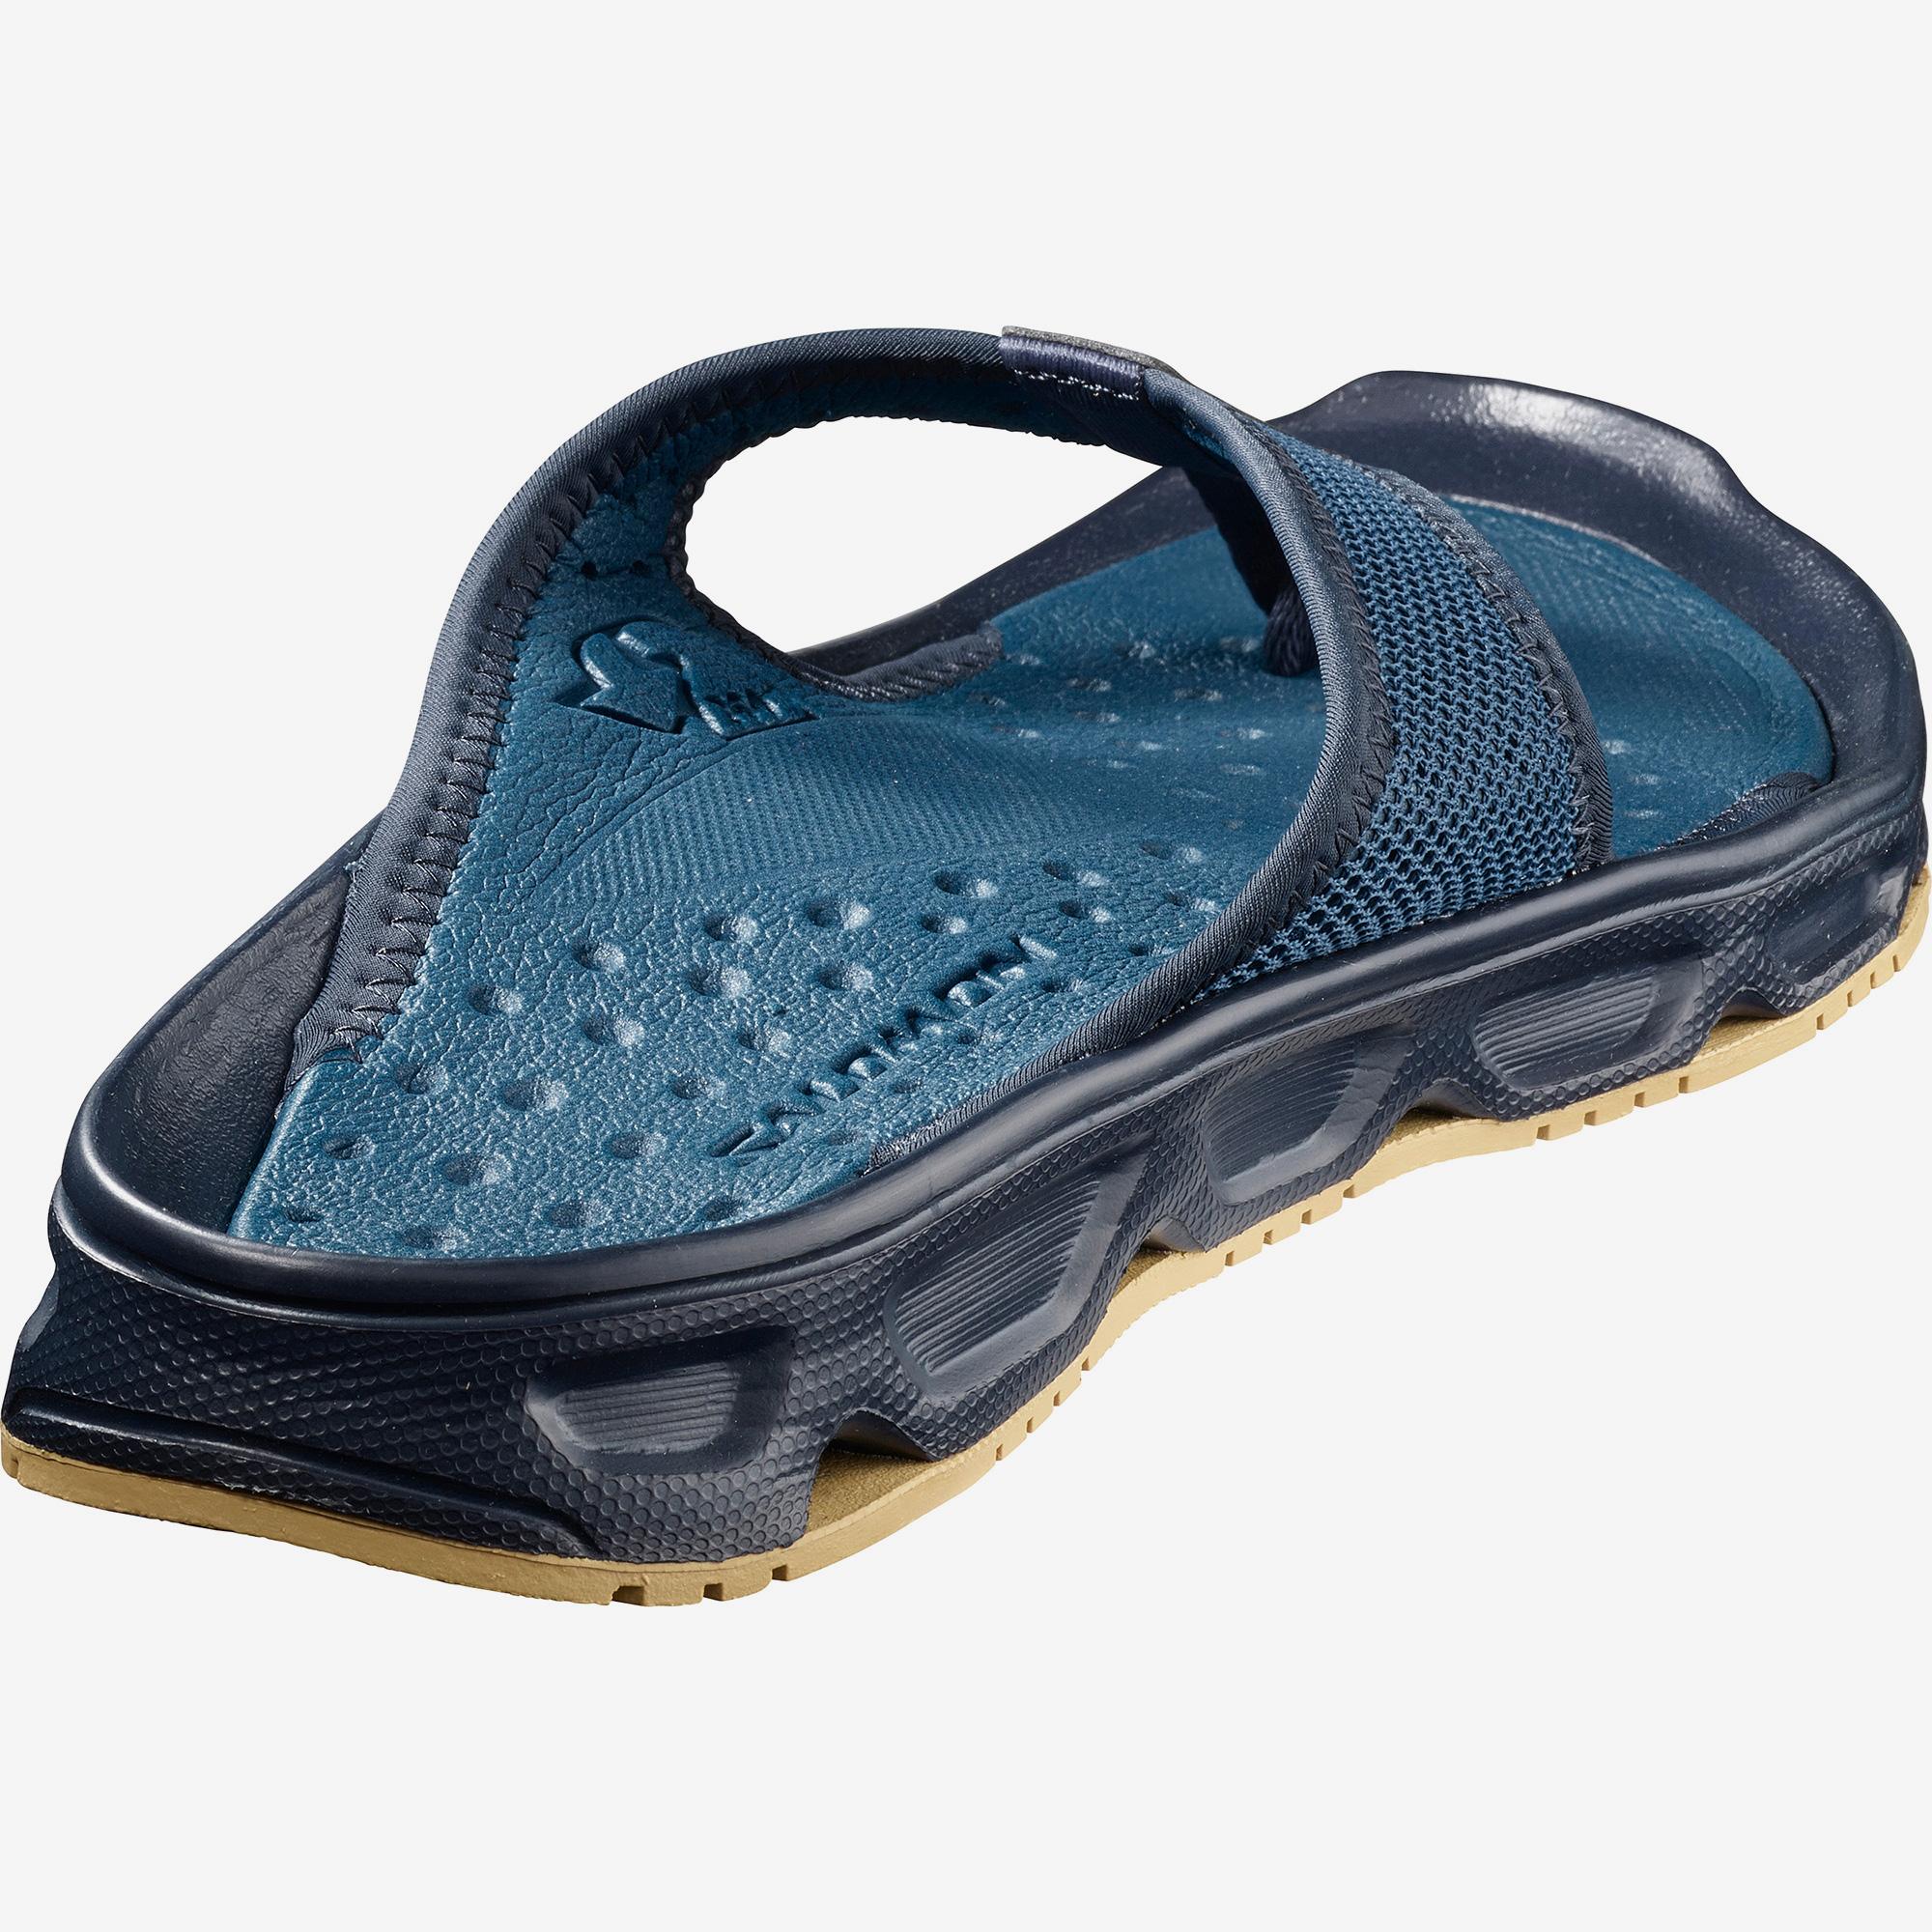 neueste Kollektion begrenzter Verkauf erstklassiges echtes Salomon Salomon RX Break 4.0 Flip Flops Herren Blau